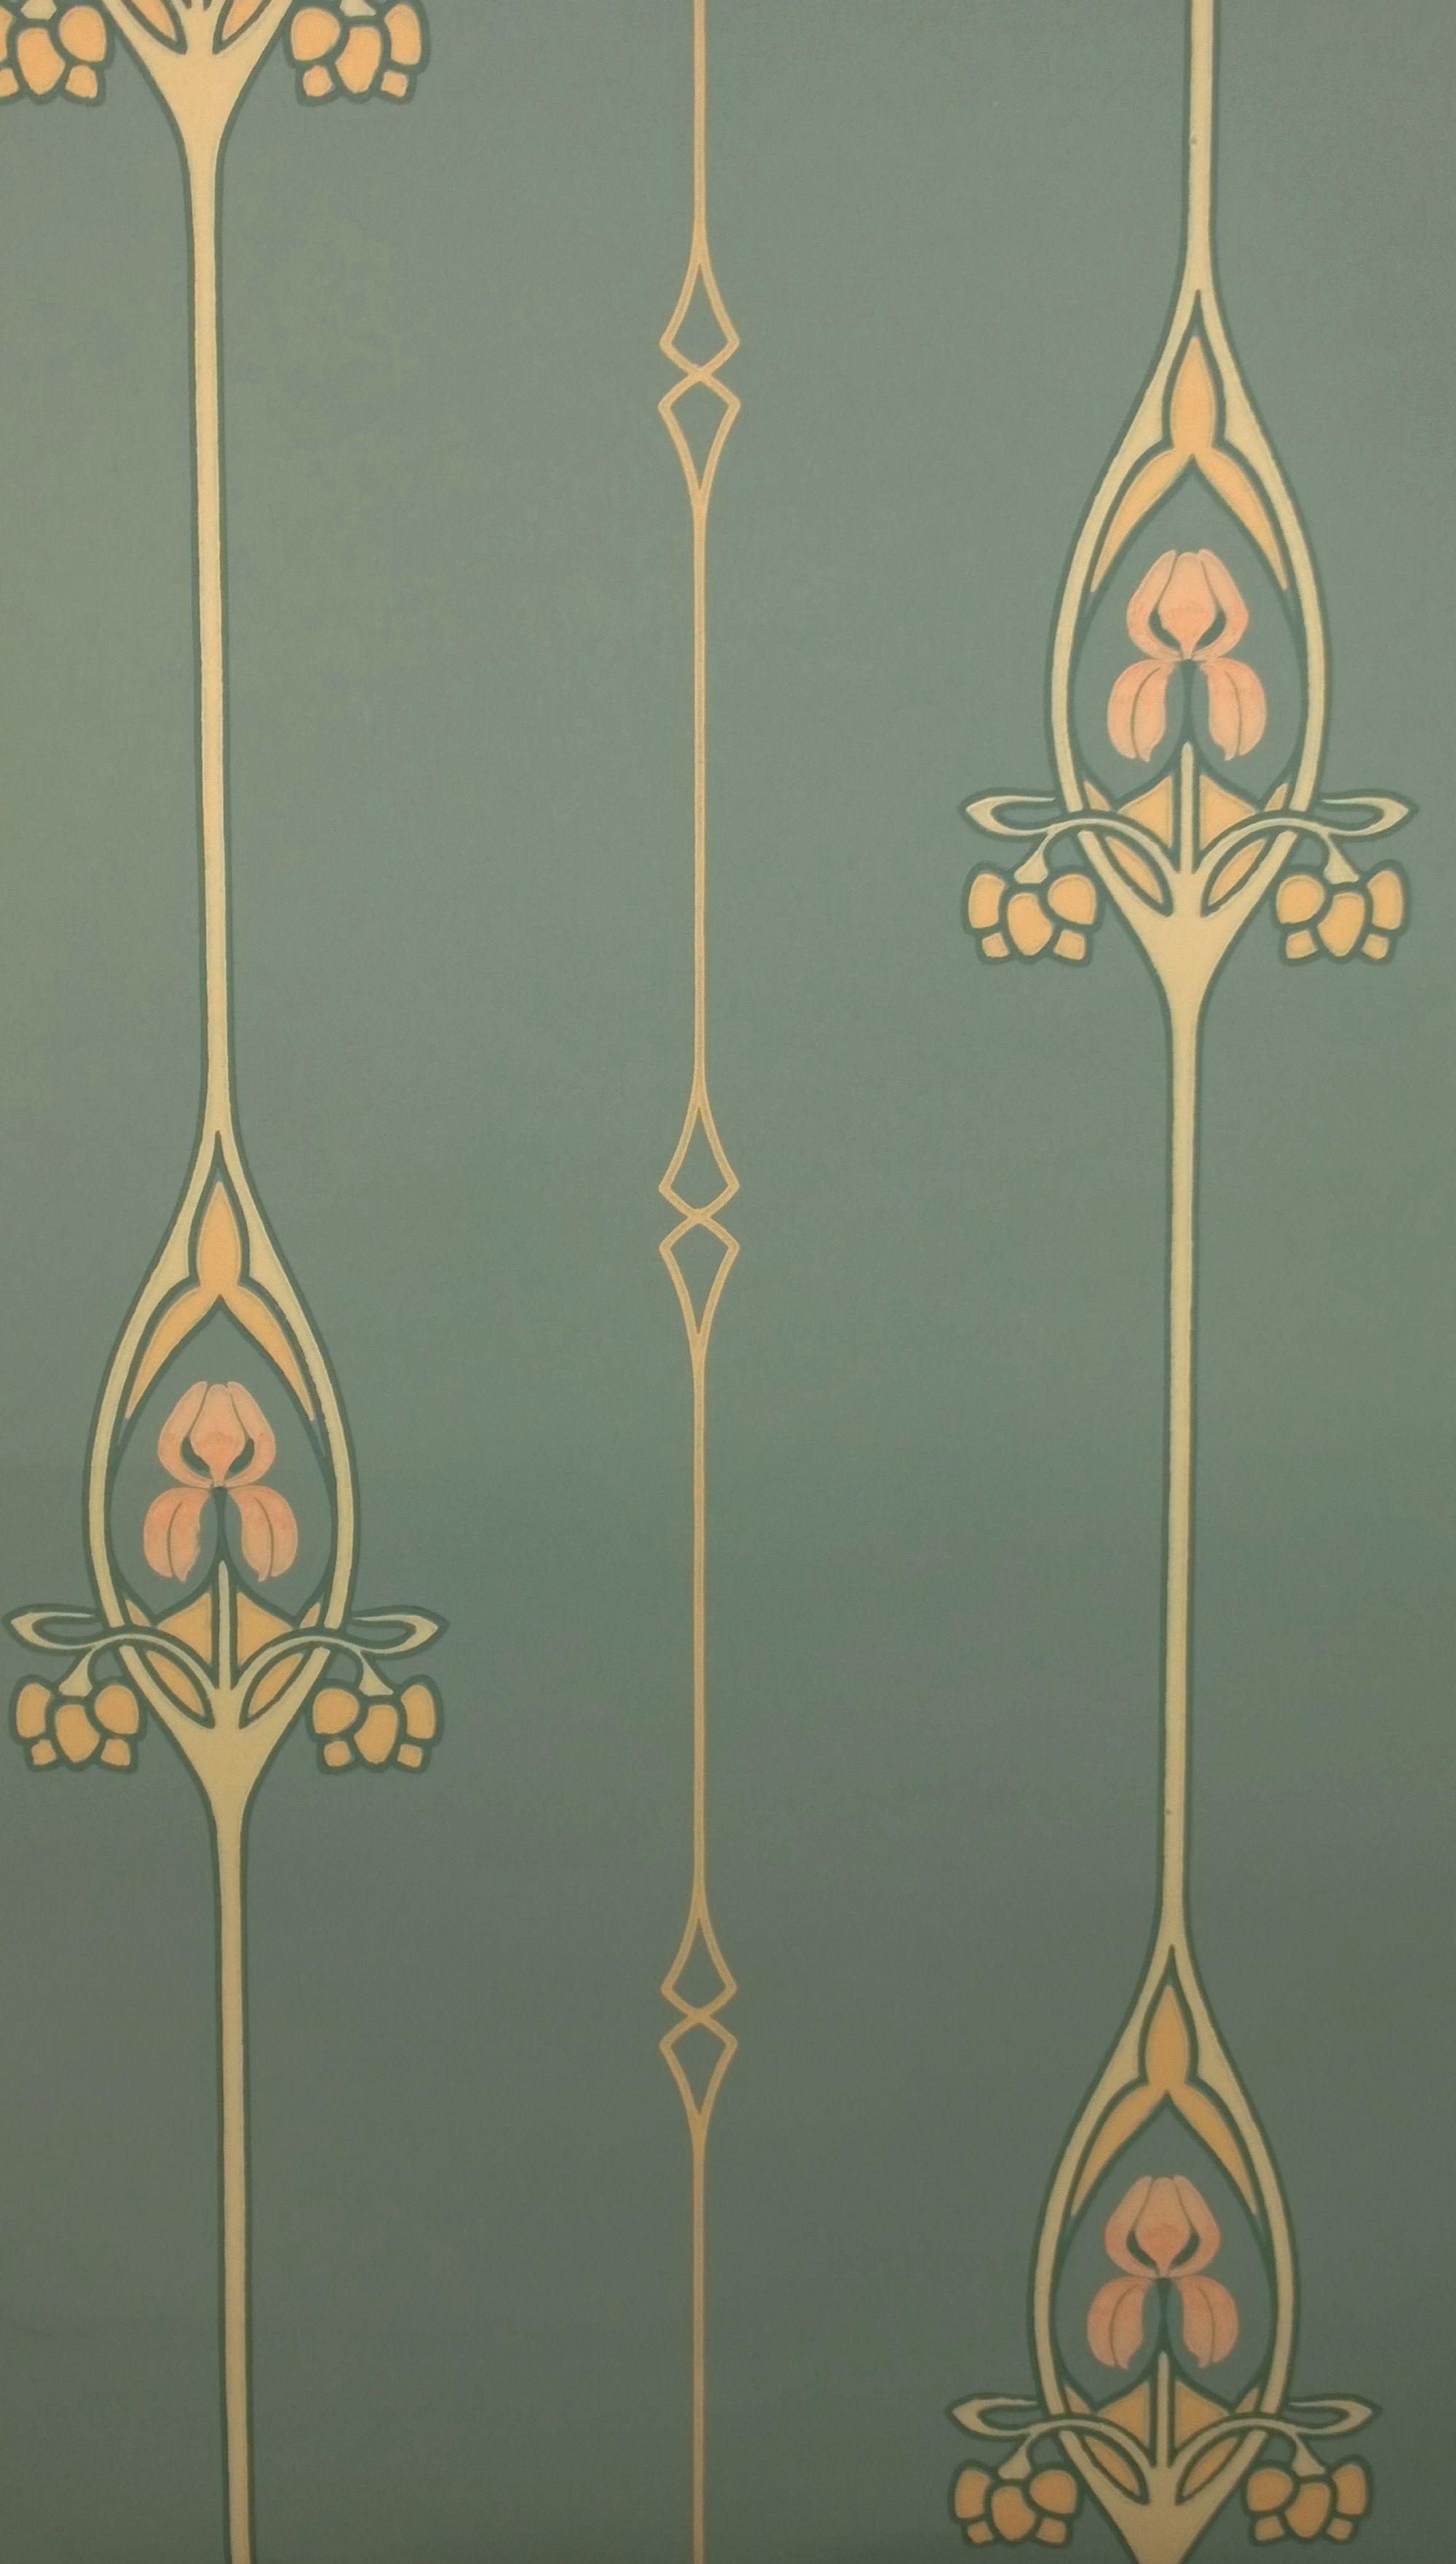 Pin von Gemma Lapin auf Art Deco | Pinterest | Fenster, Jugendstil ...